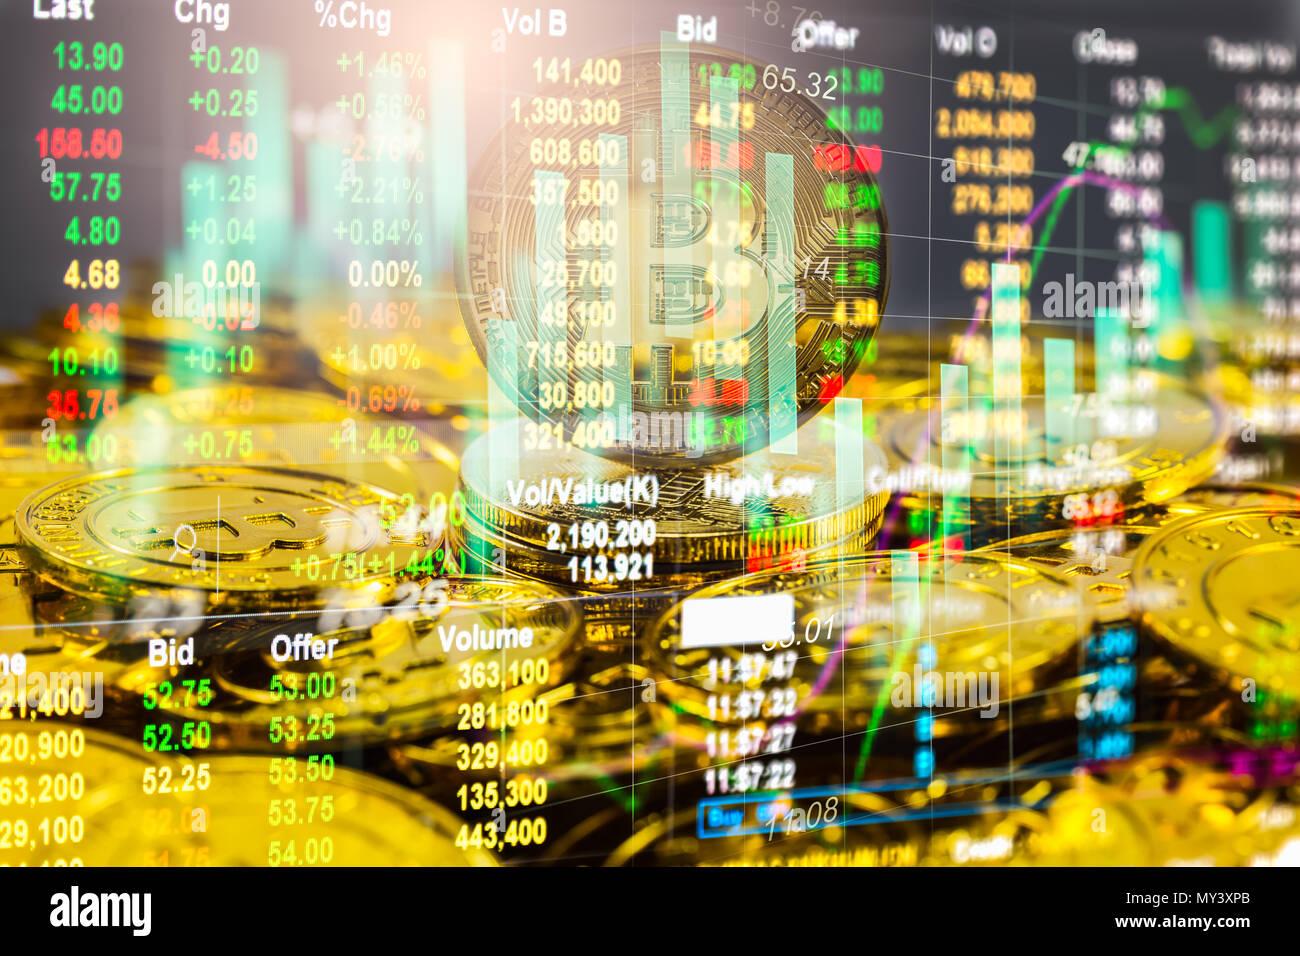 Façon moderne de l'échange. Bitcoin est commode de paiement dans les marchés de l'économie mondiale. La monnaie numérique virtuel et de l'investissement financier concept commercial. Abstr Photo Stock